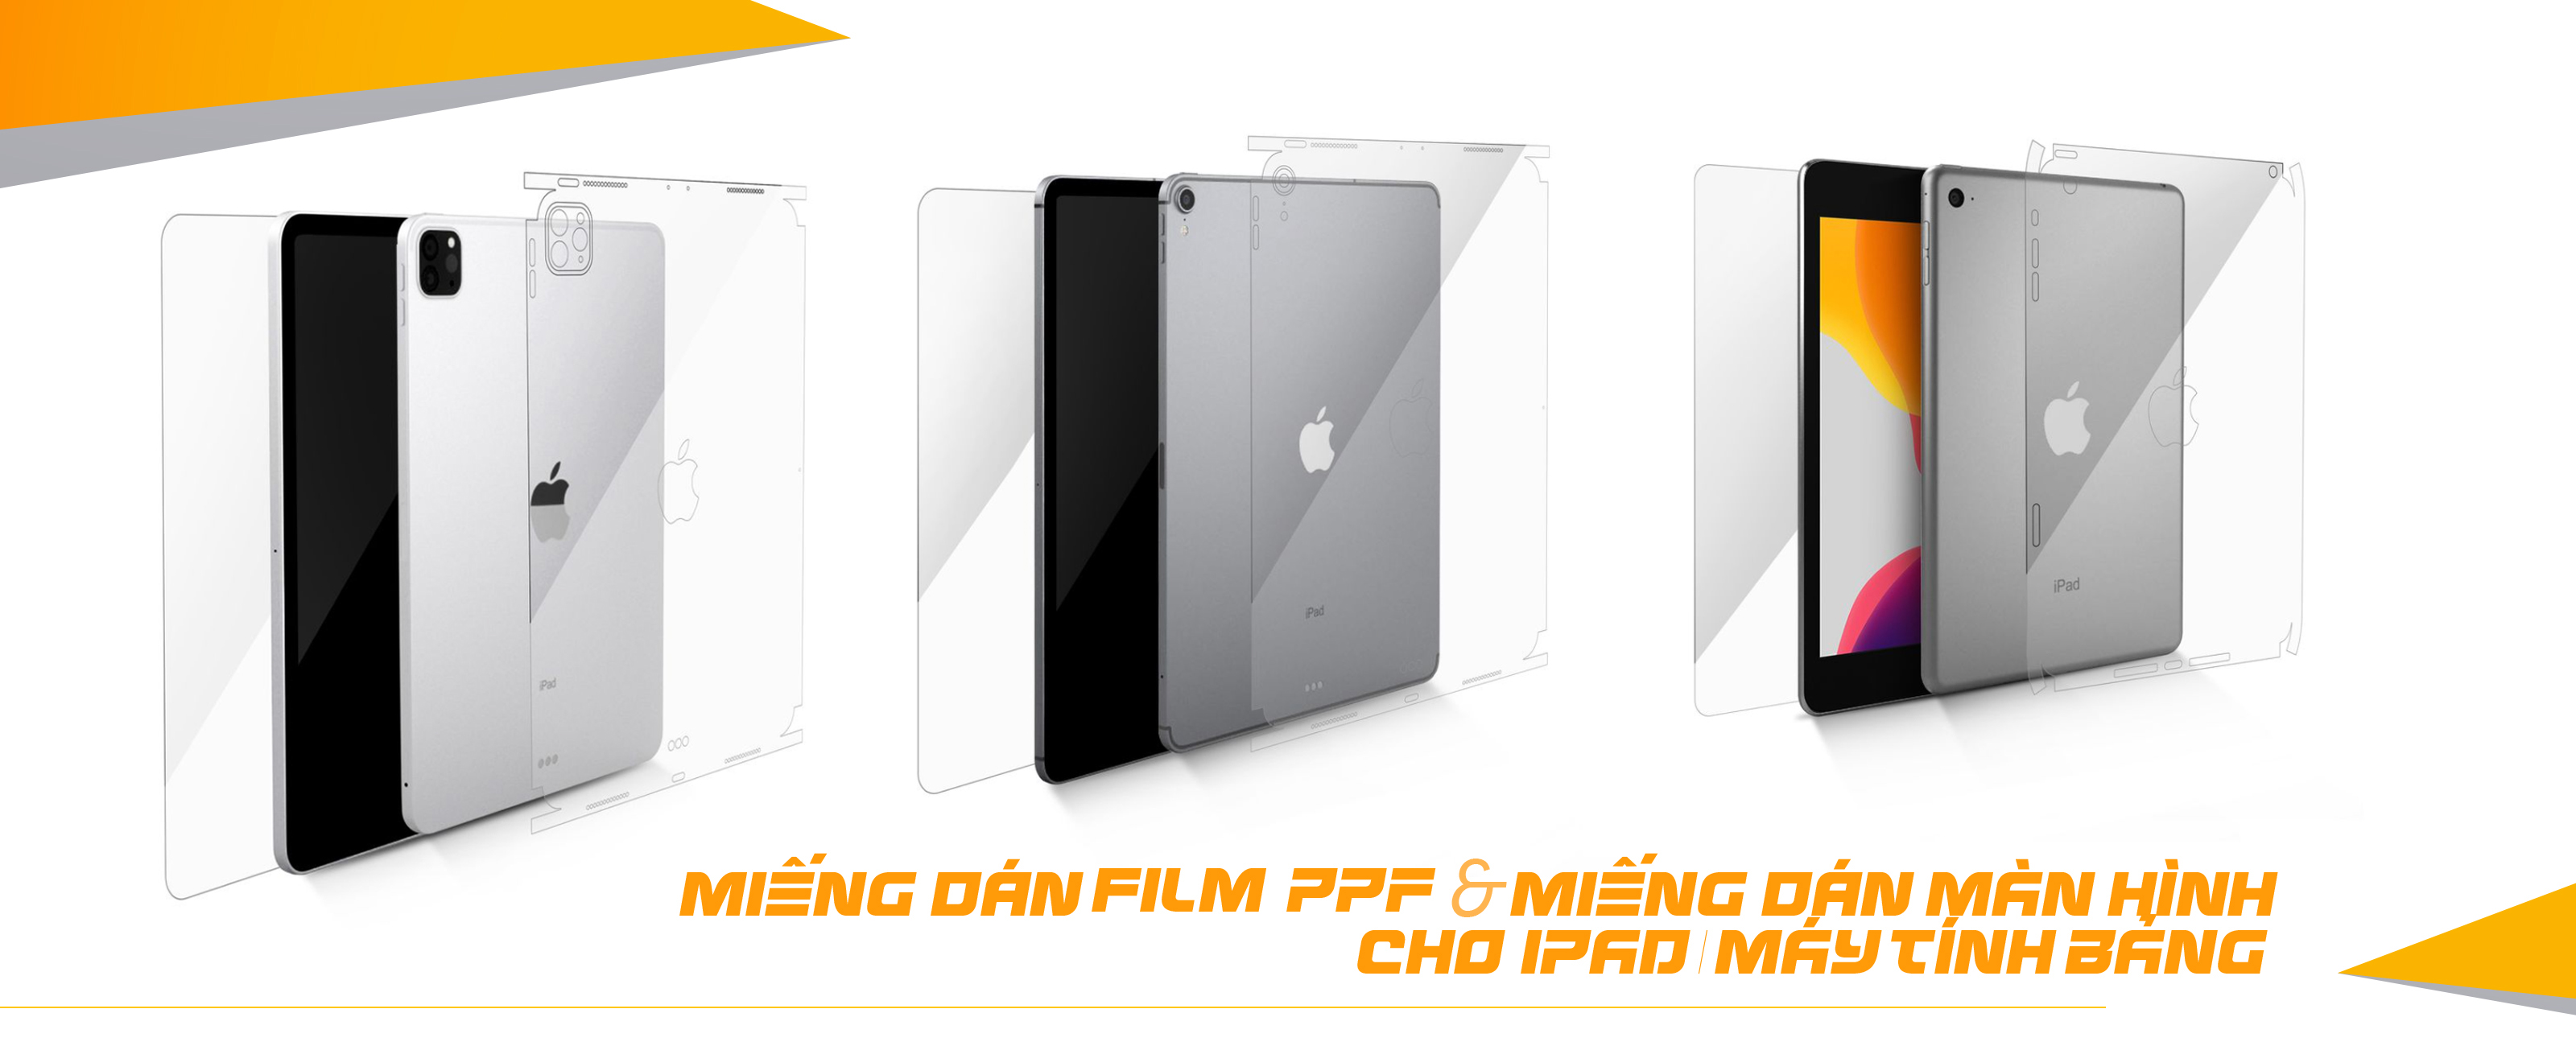 Miếng Dán Film PPF Cho IPad & Máy Tính Bảng